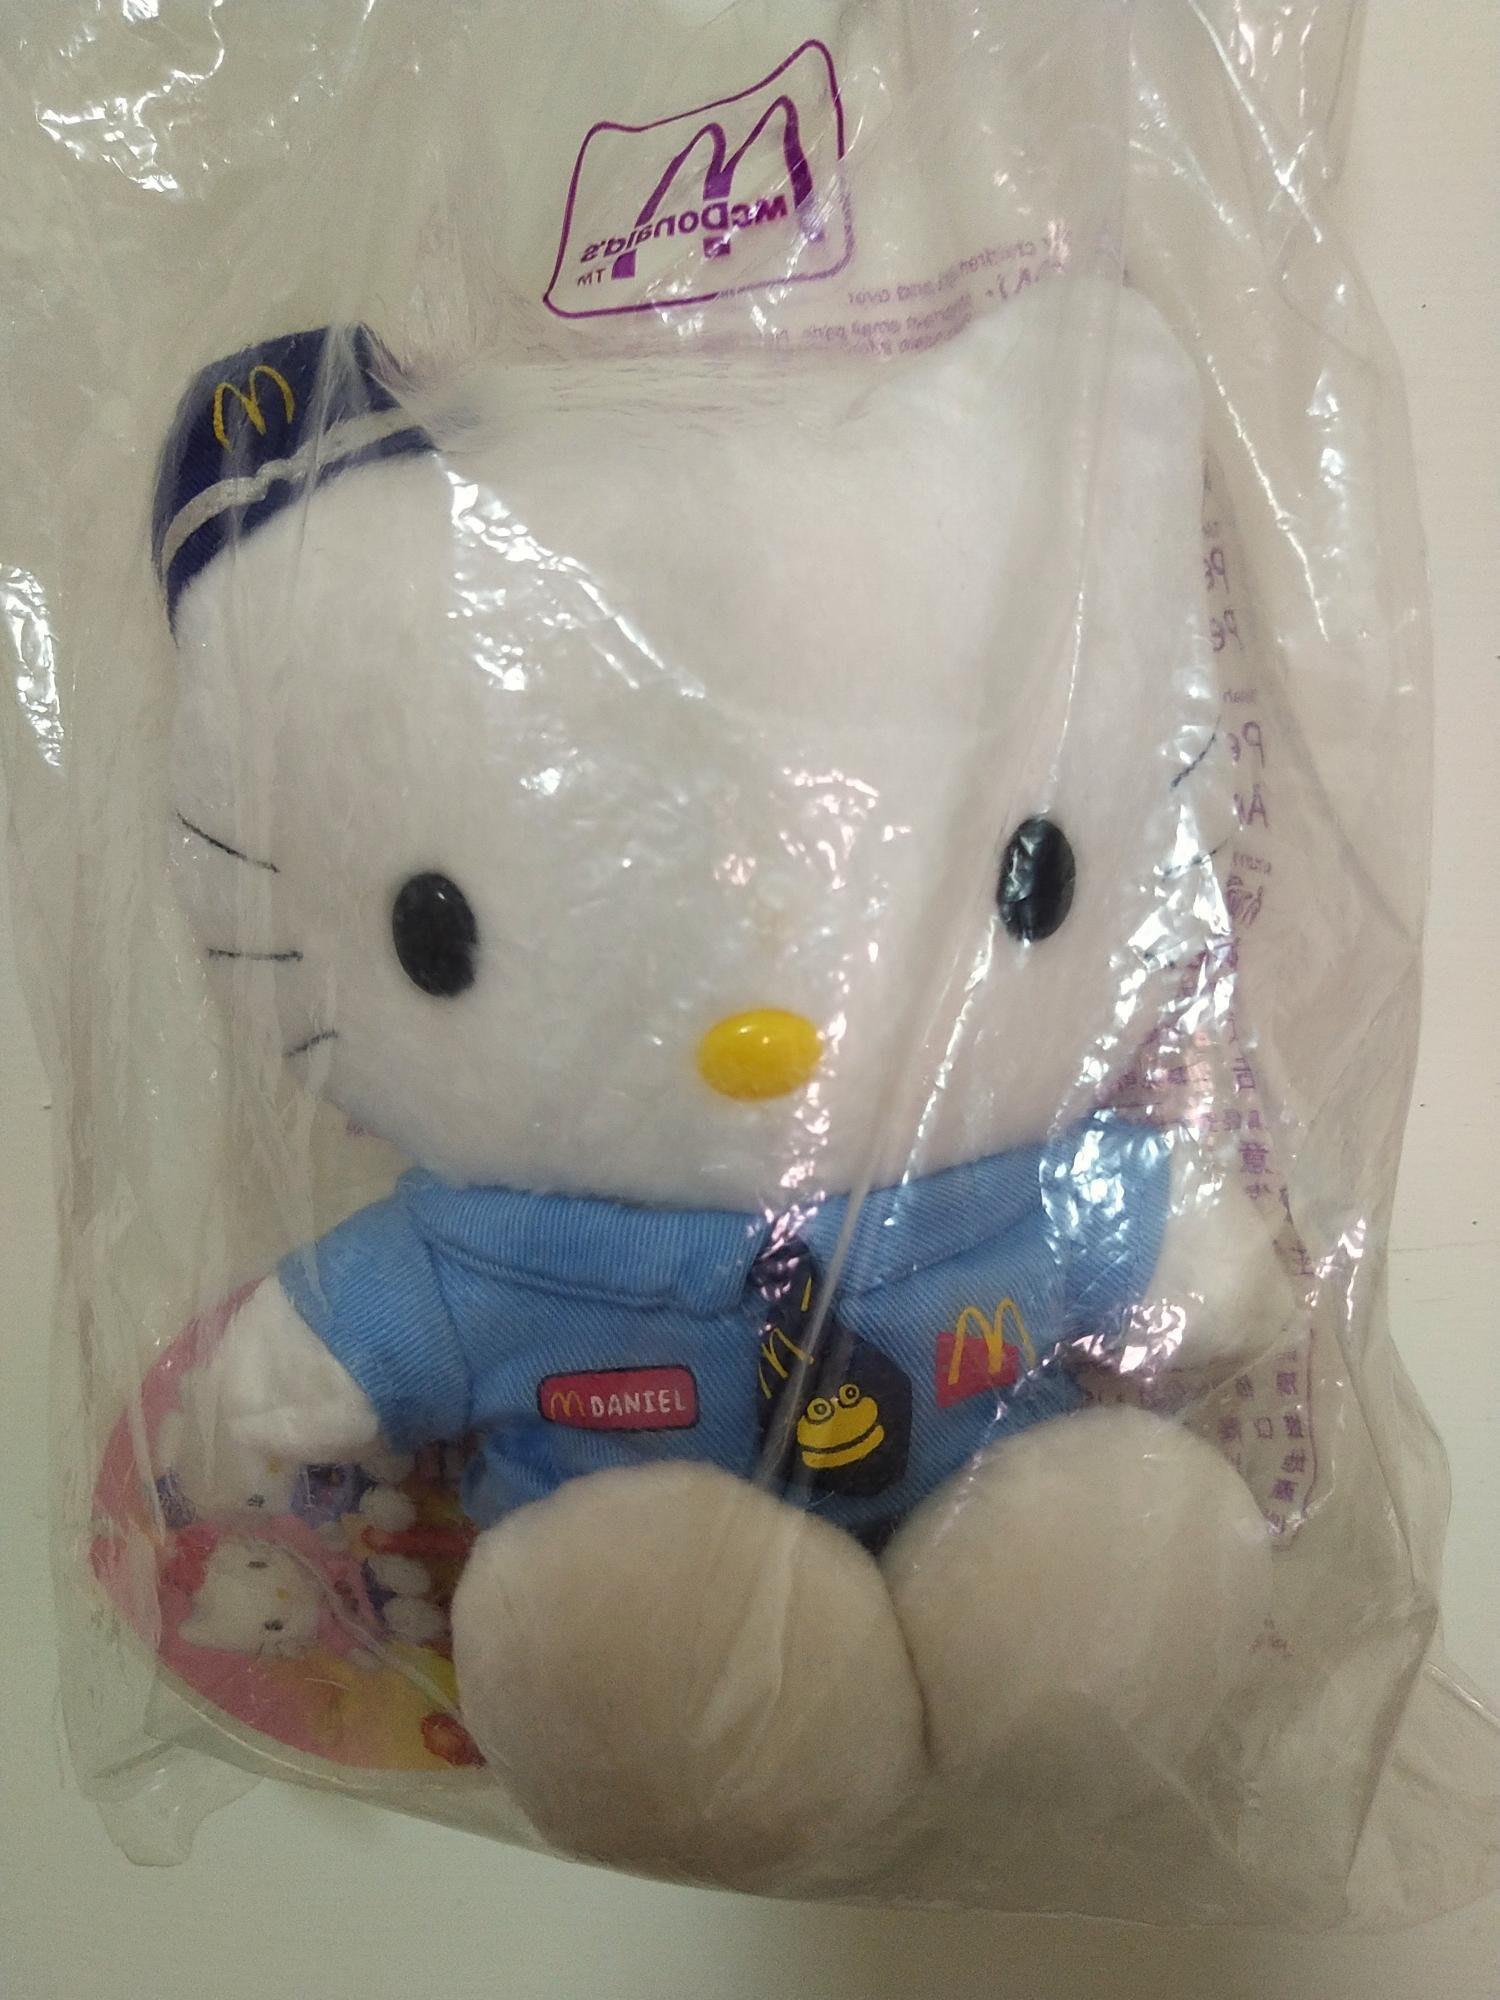 麥當勞經典絕版hello kitty第一代 民國88年-麥當勞-絕版贈品-KITTY貓-老玩具